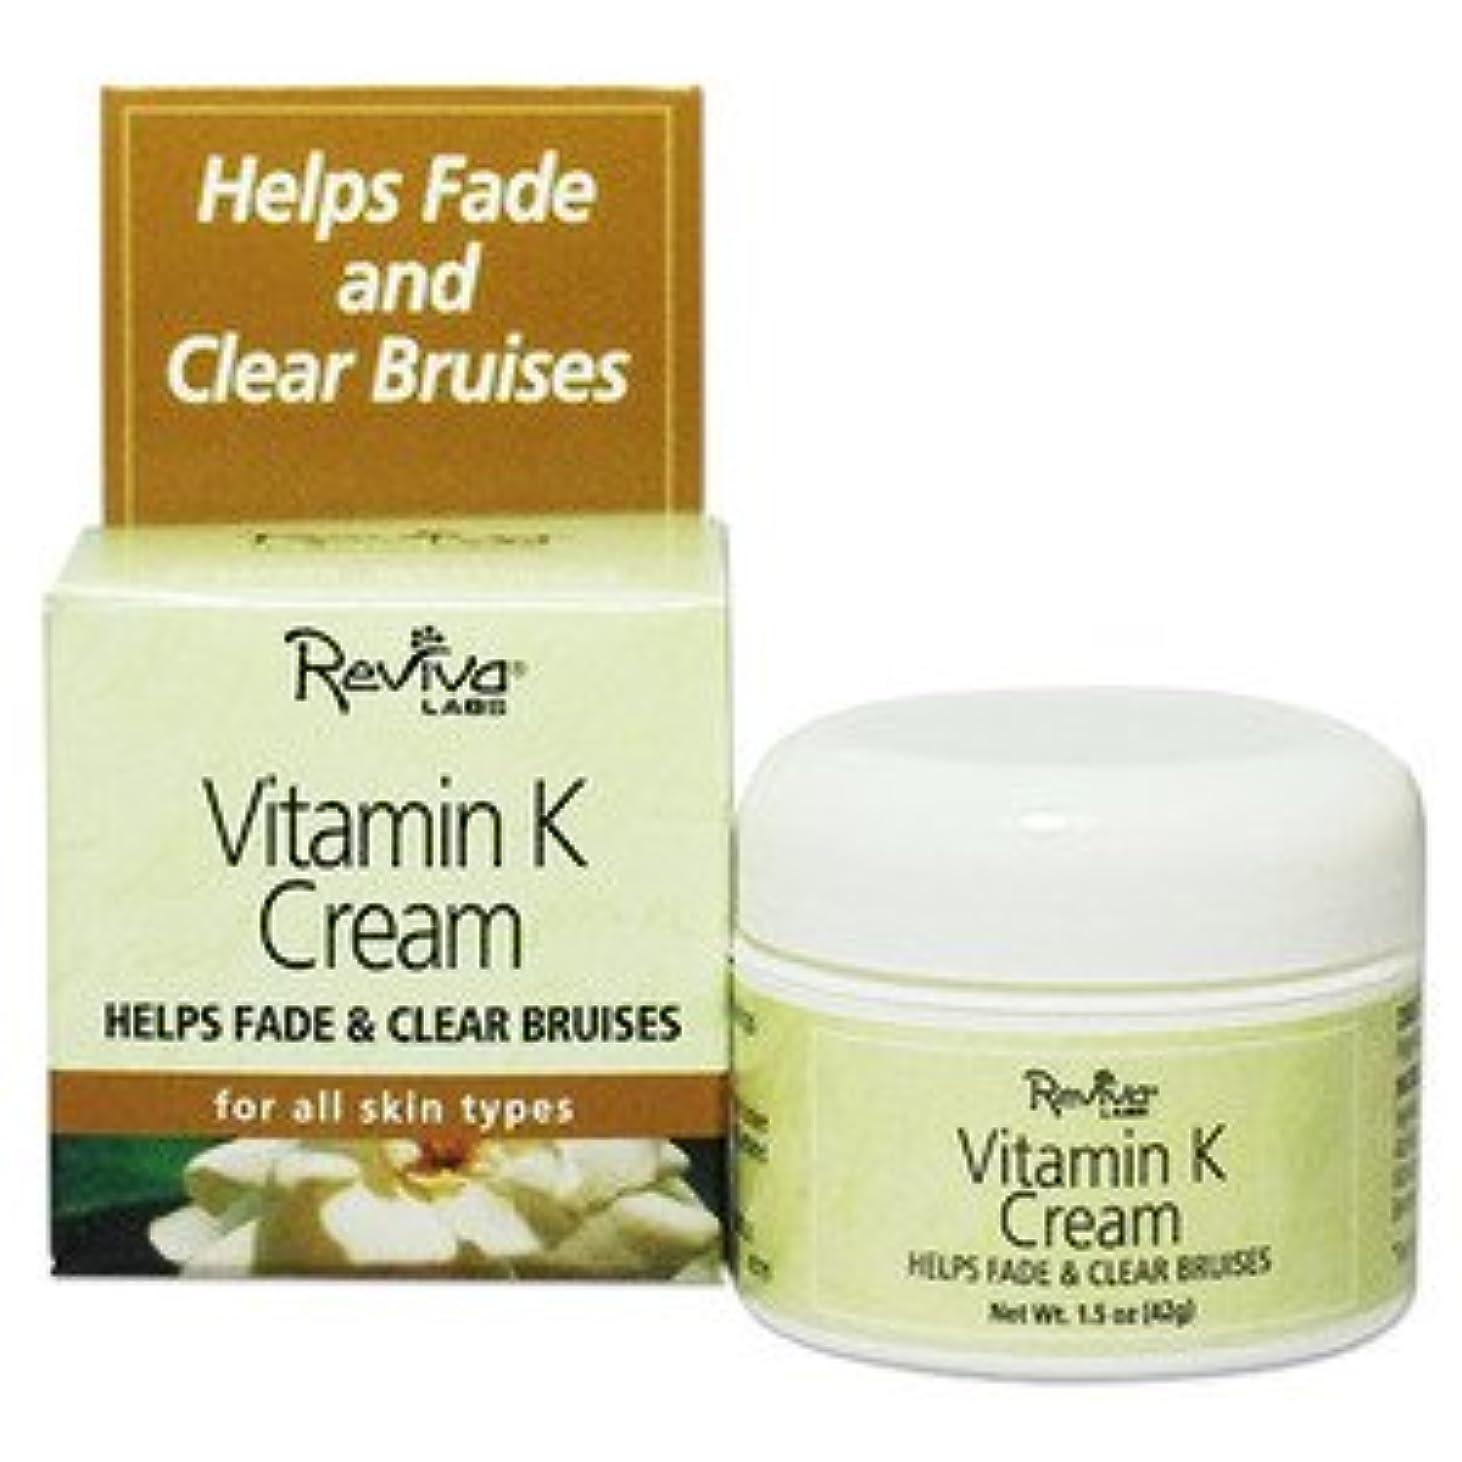 腹痛わがまま半島Reviva Labs レビバ社 Vitamin K Cream  (42 g)  ビタミンK クリーム 海外直送品